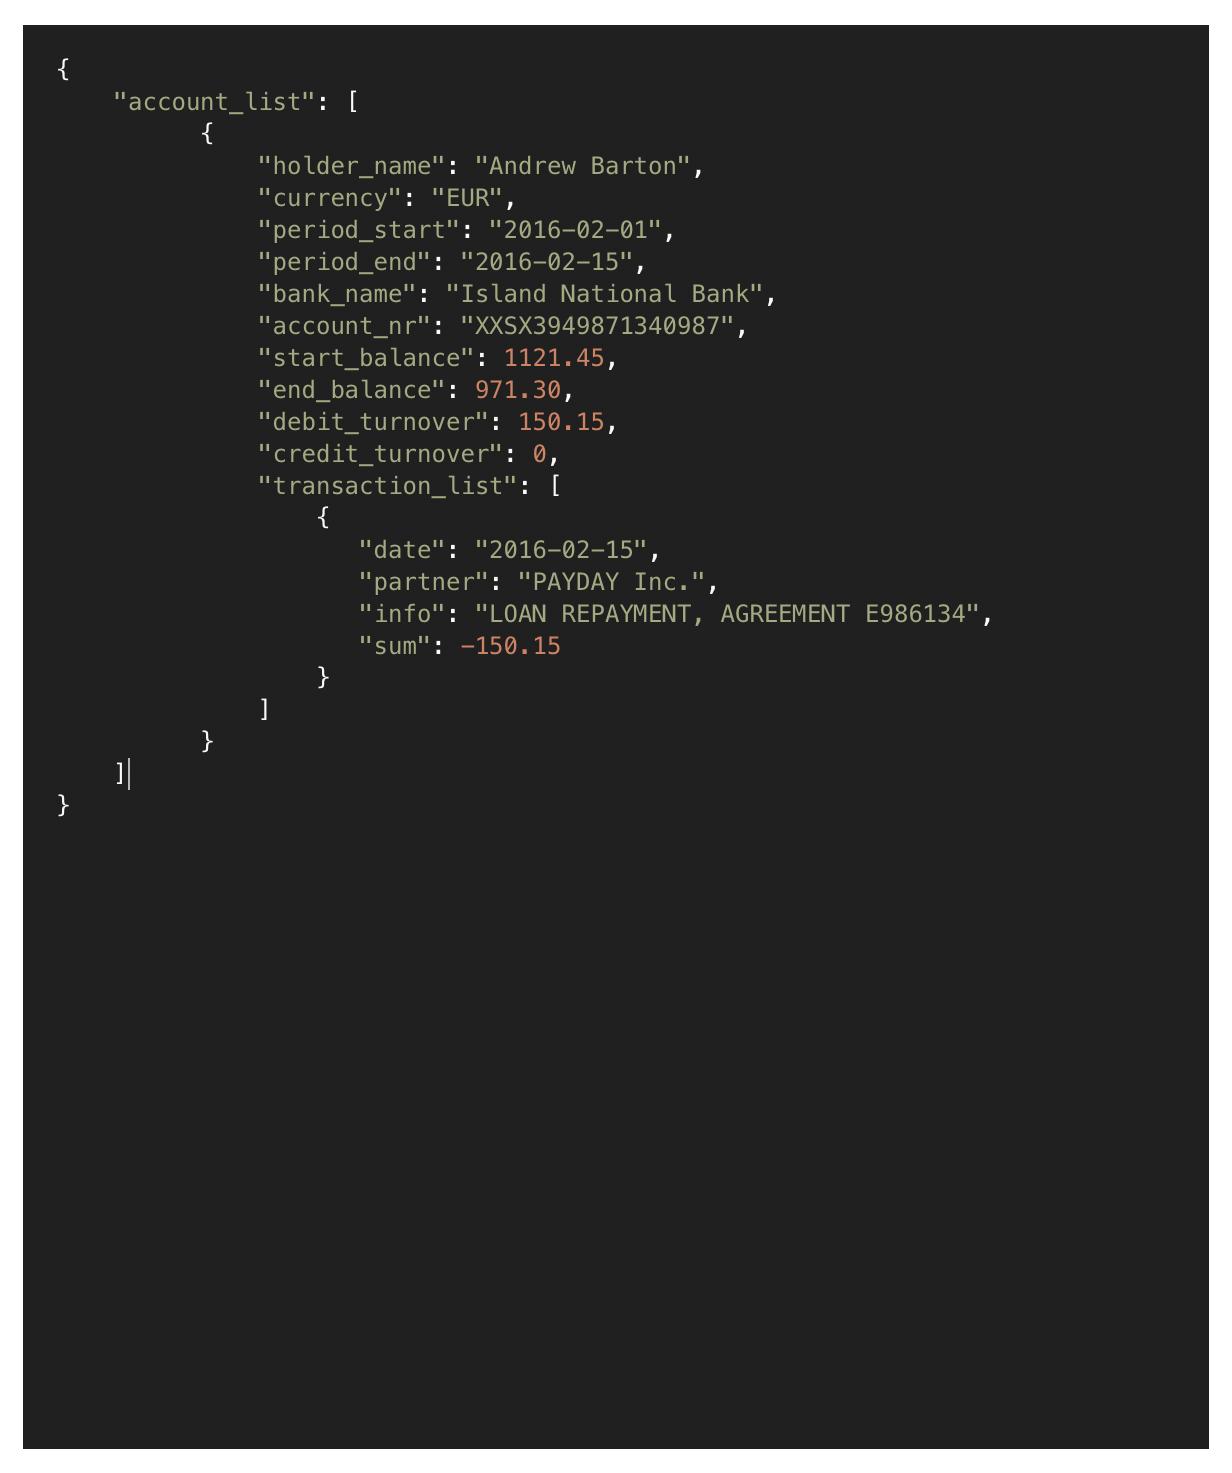 Archivo de entrada (JSON) -